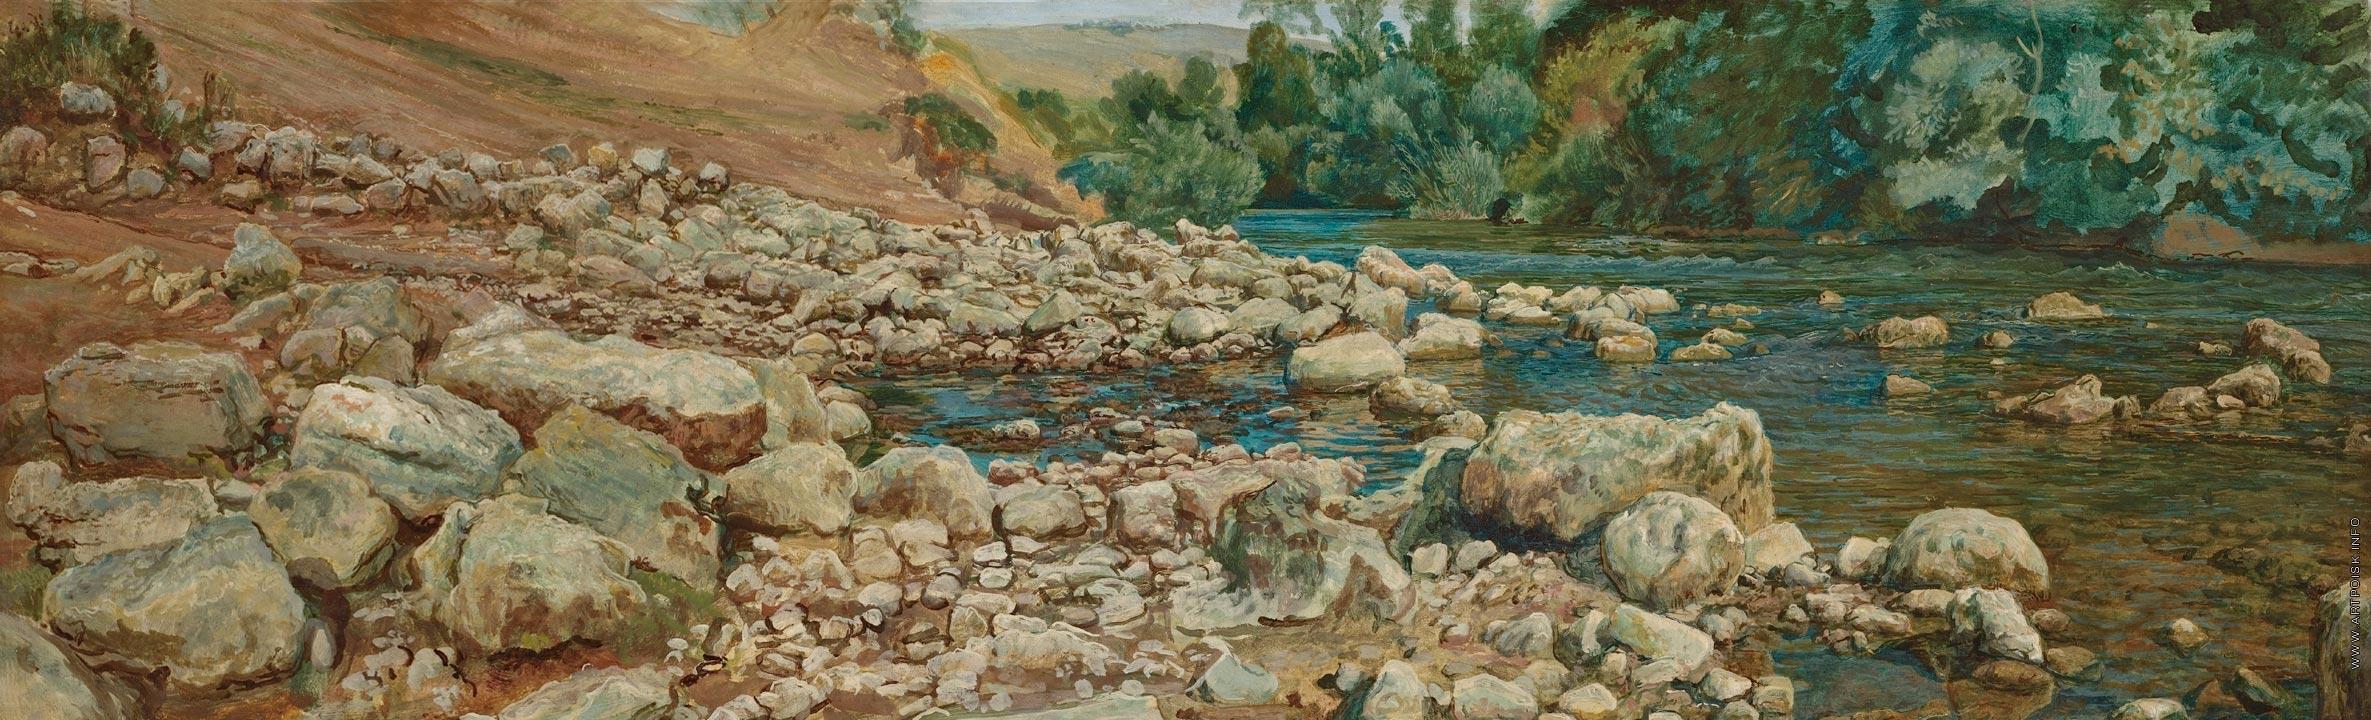 камни берег фото